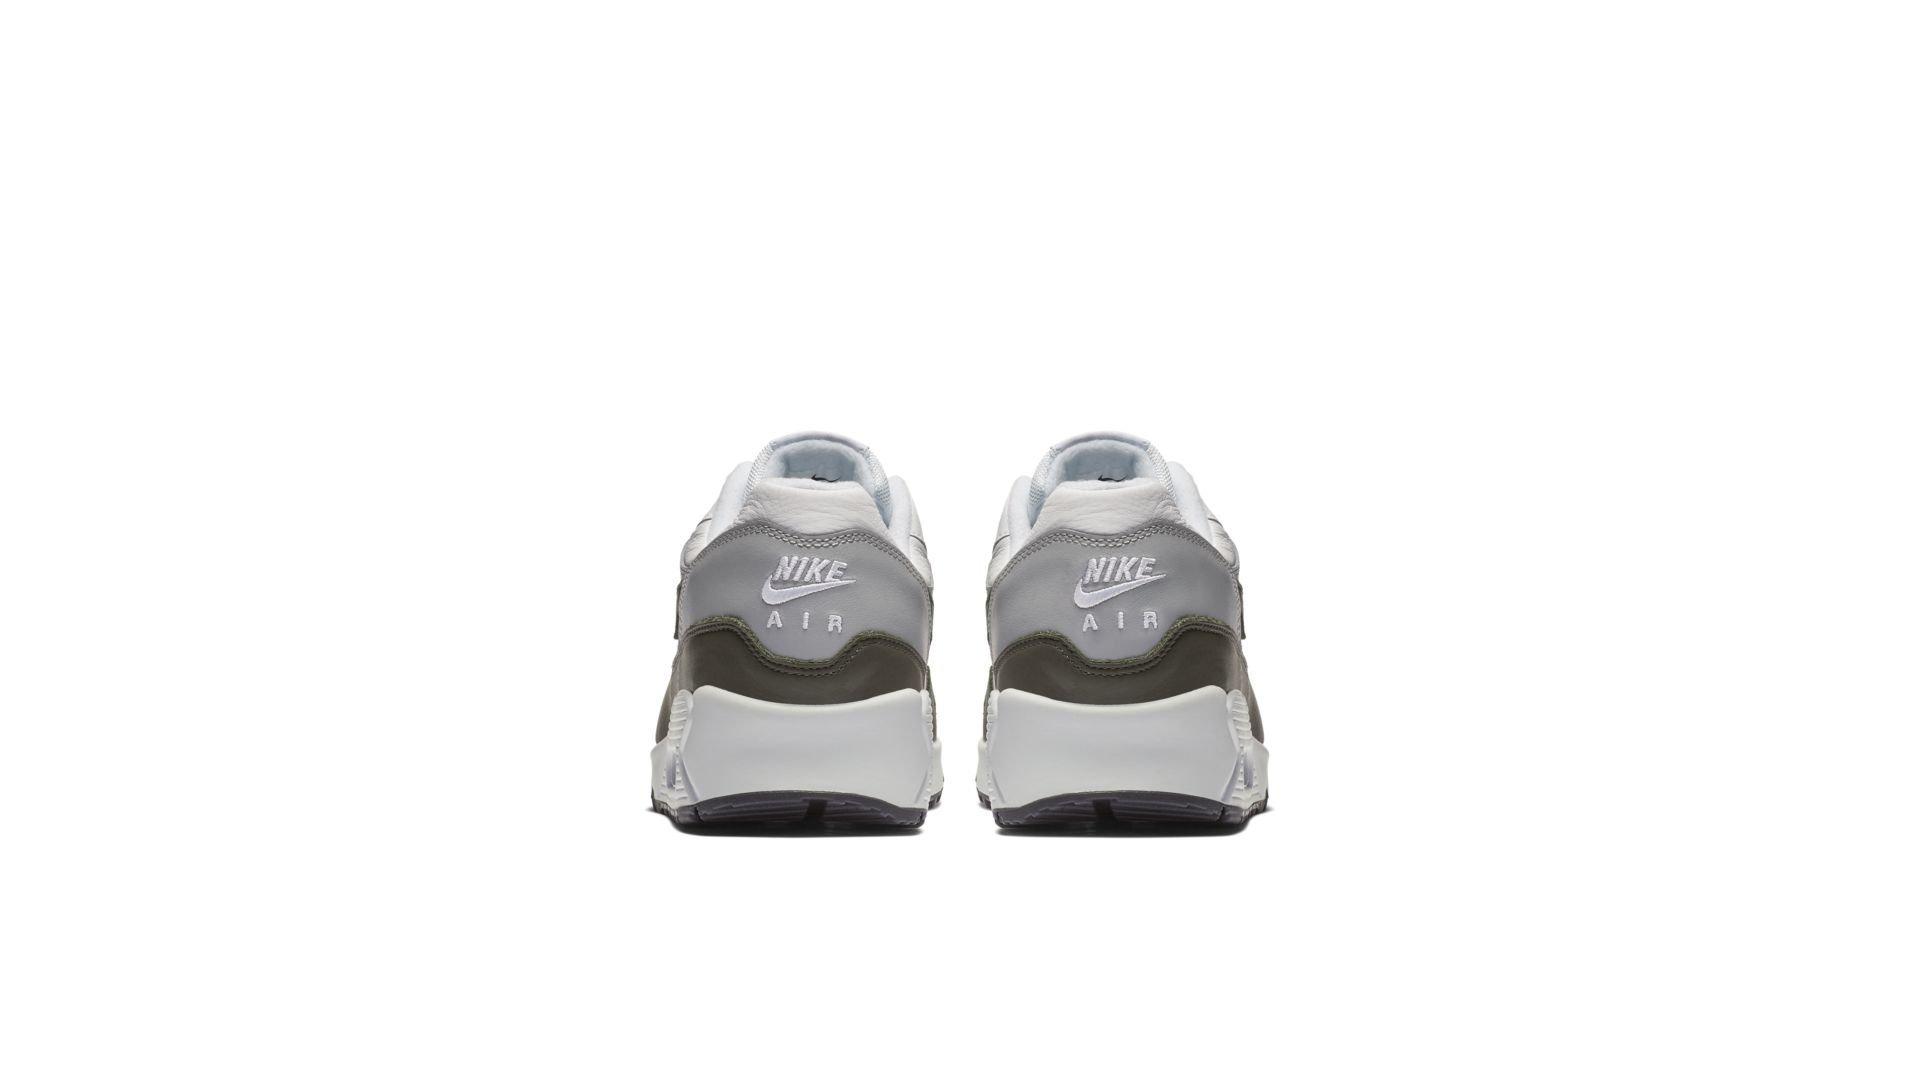 Nike Air Max 90/1 'Cargo Khaki' (AJ7695-107)